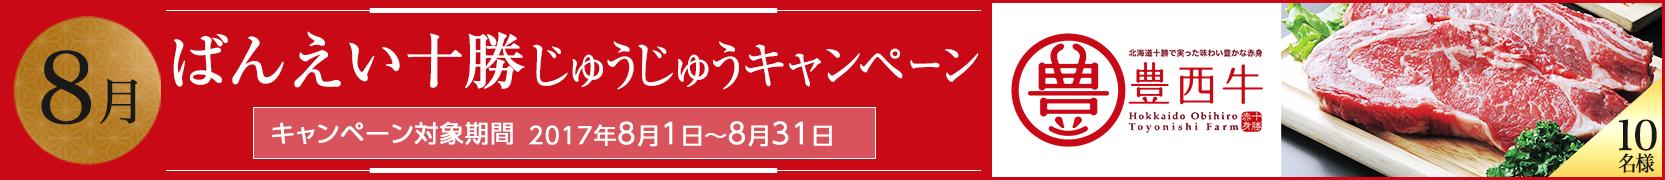 ばんえい十勝じゅうじゅうキャンペーン8月